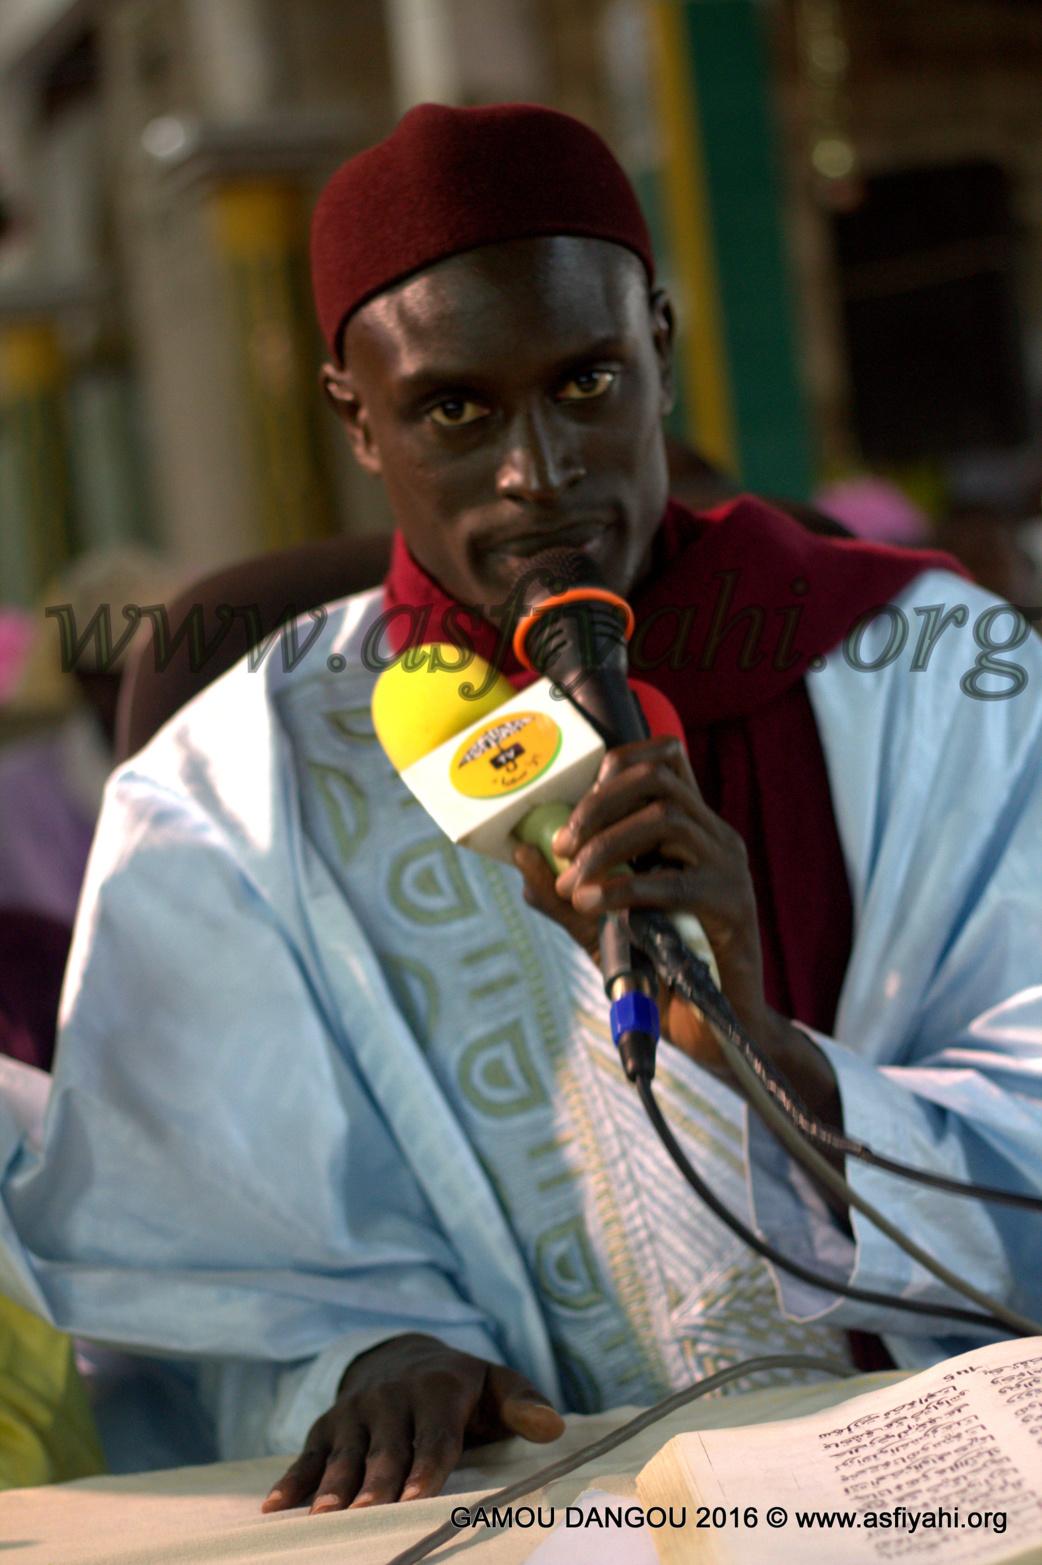 PHOTOS - 23 AVRIL 2016 À RUFISQUE: Les Images de la Cérémonie Officielle et du Gamou de Dangou Rufisque